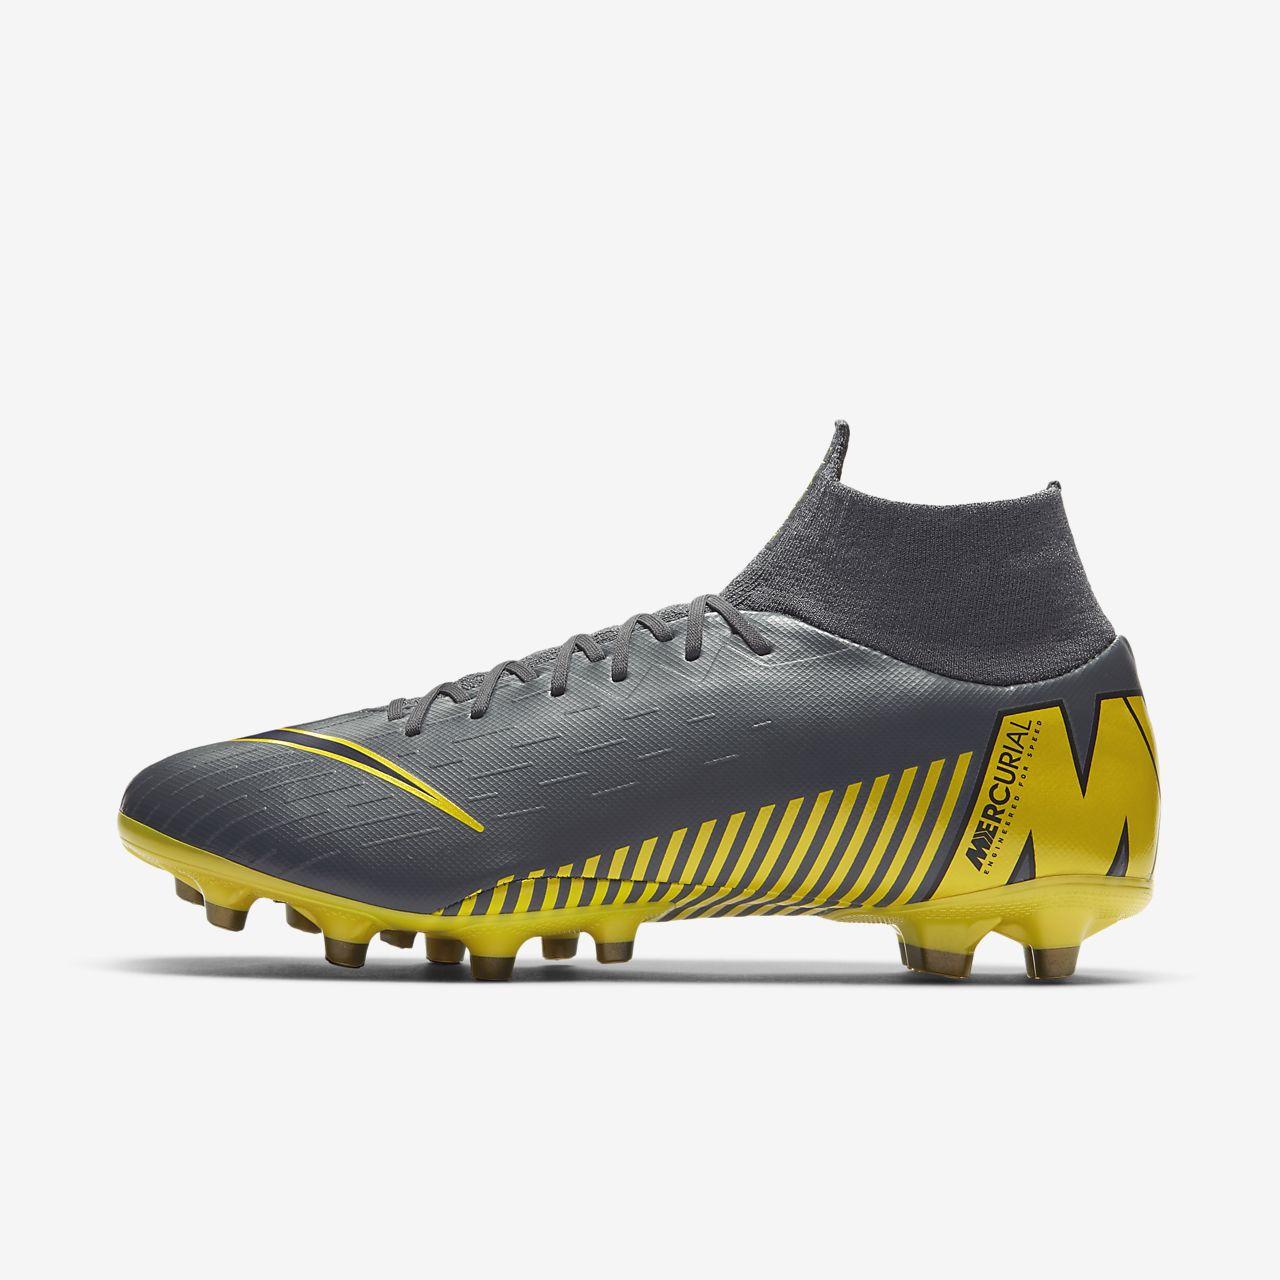 best loved 2b479 c2df5 ... Nike Mercurial Superfly VI Pro AG-PRO - fodboldstøvle (kunstgræs)